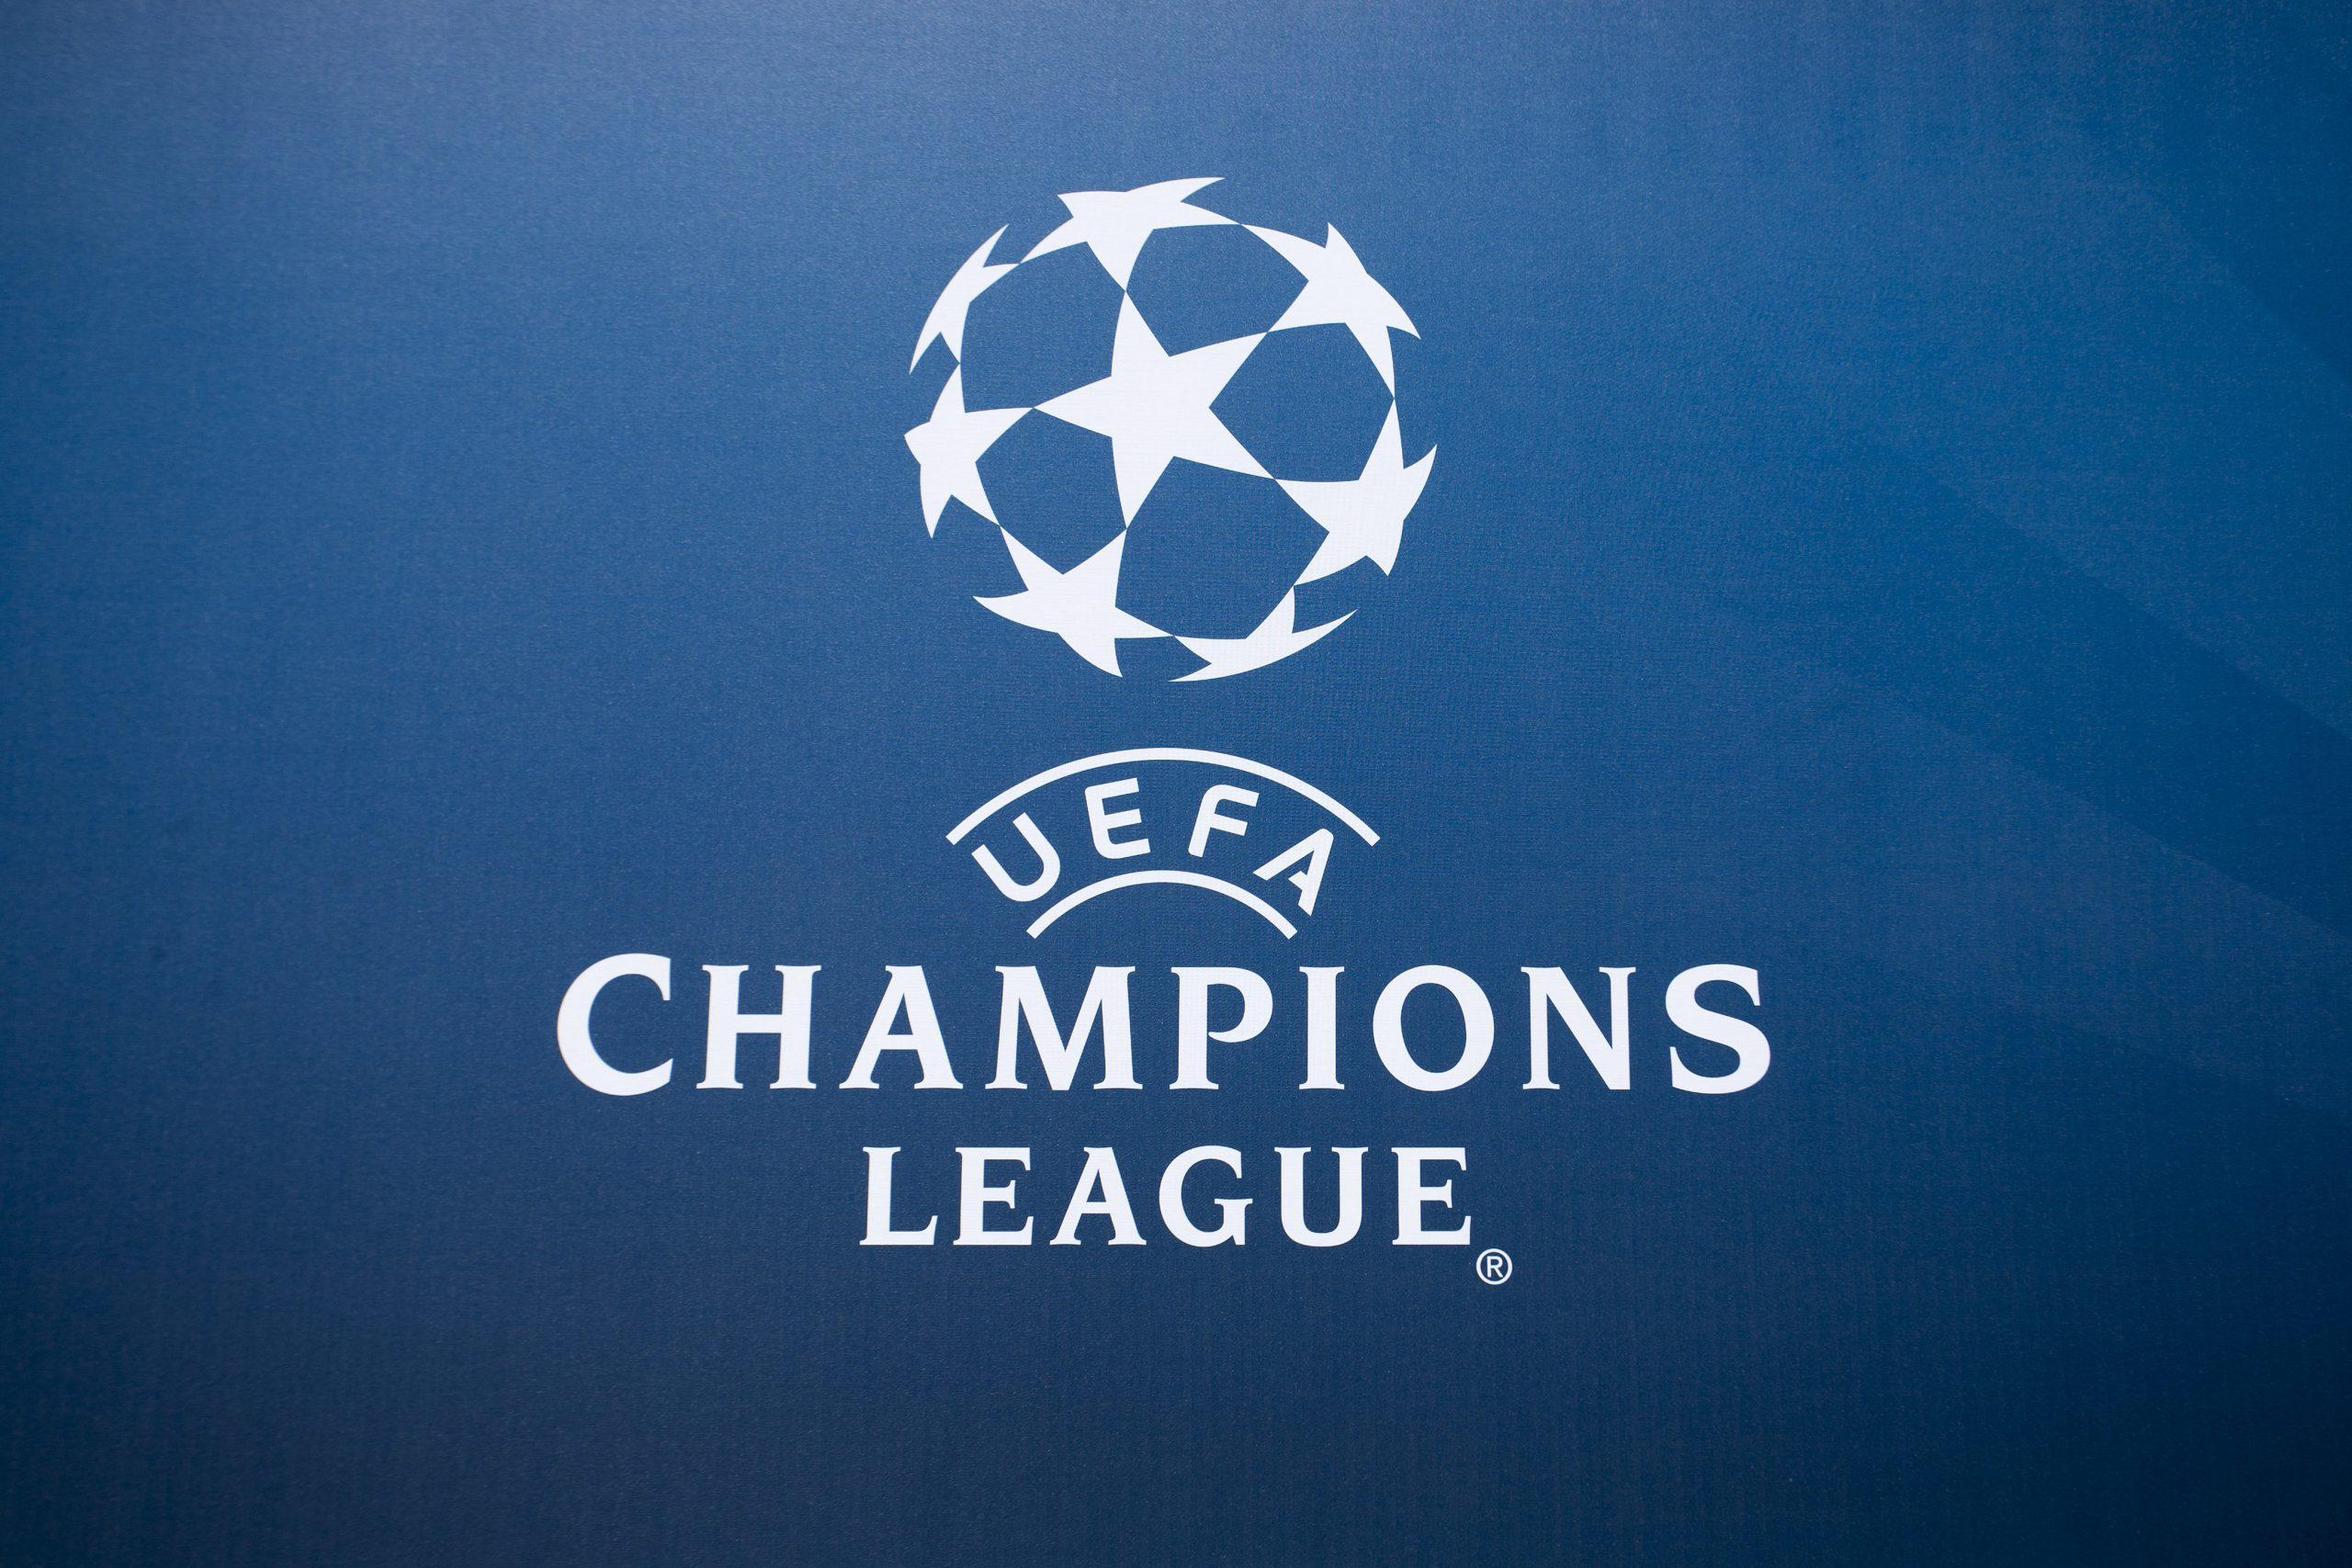 Madrid aussi est parmi les candidats pour accueillir la finale de Ligue des Champions 2019-2020